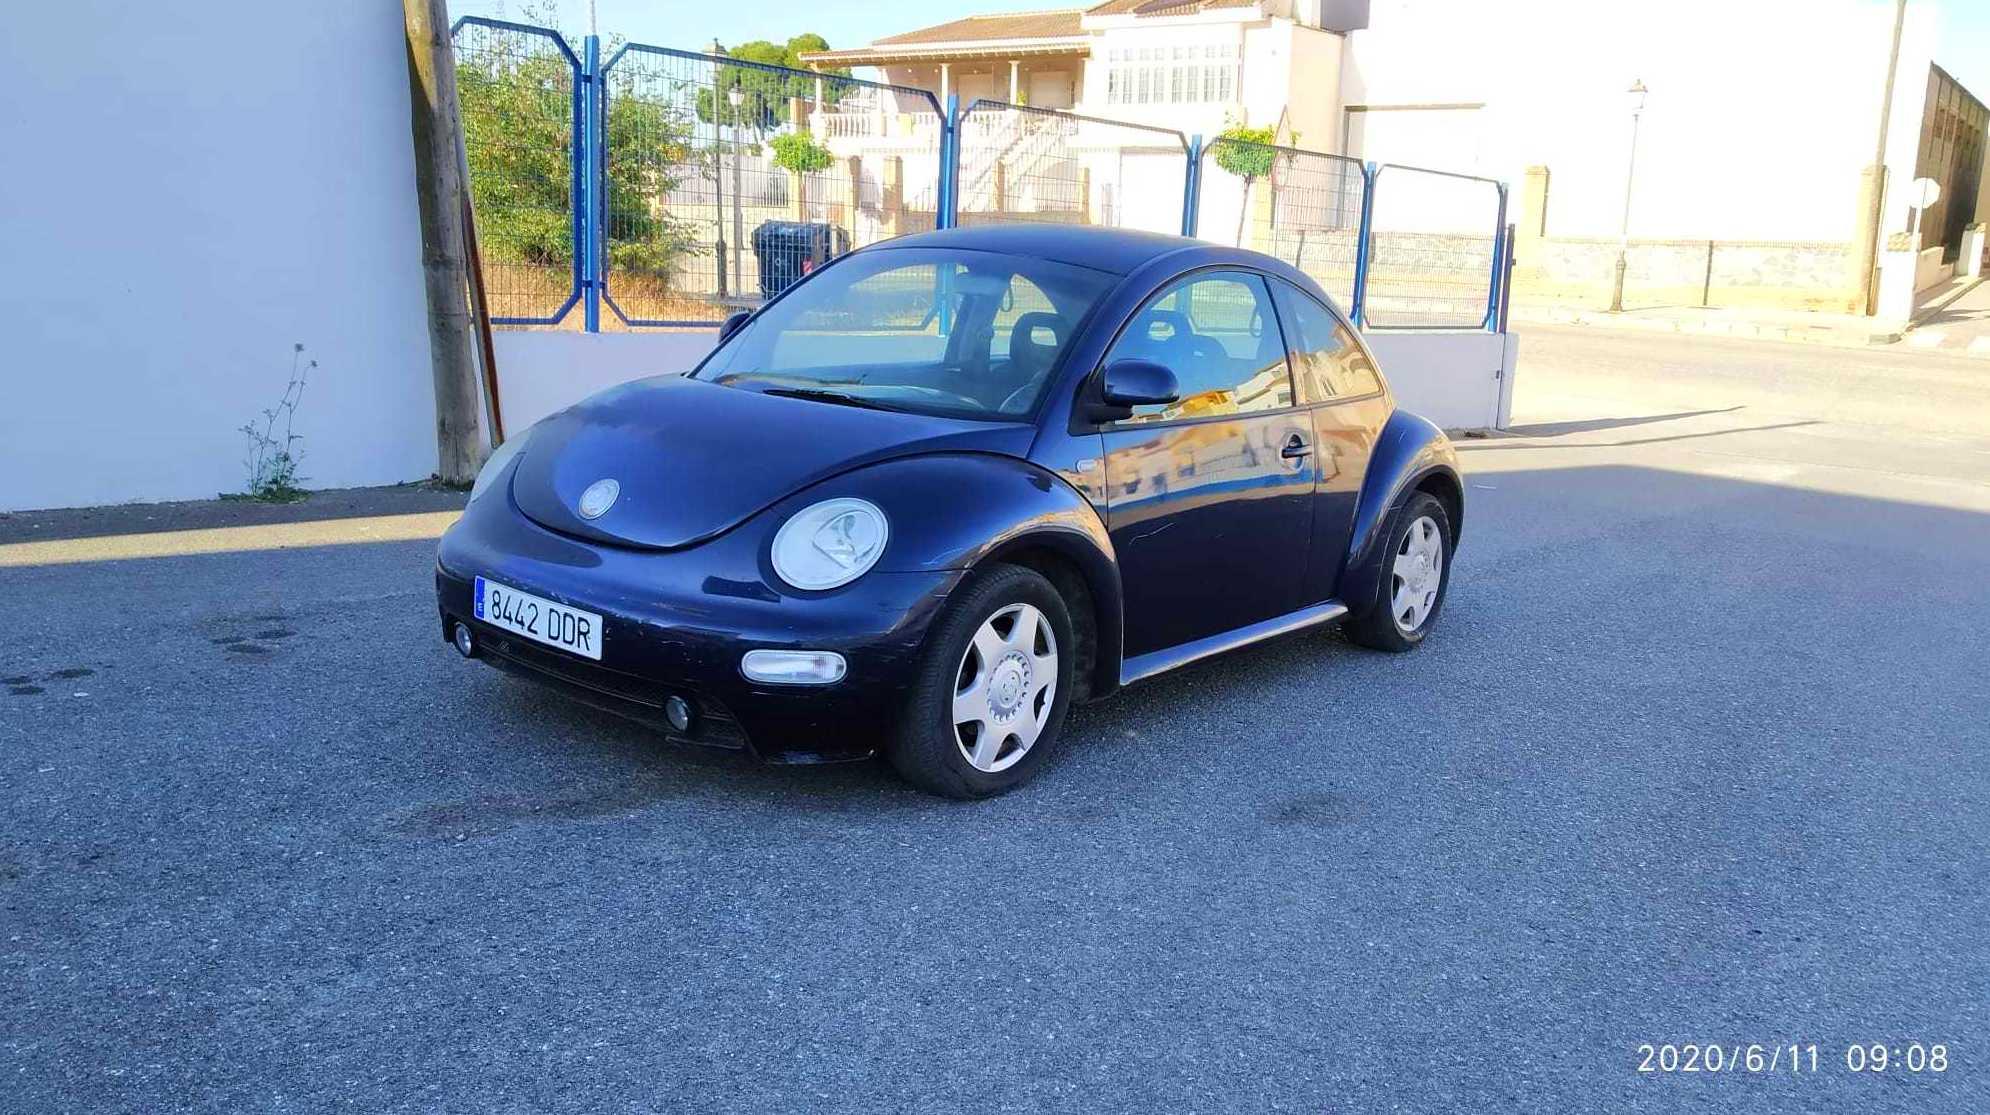 VW NEW BEETLE 1.9 TDI:  de Talleres Joaquín López, S.L.